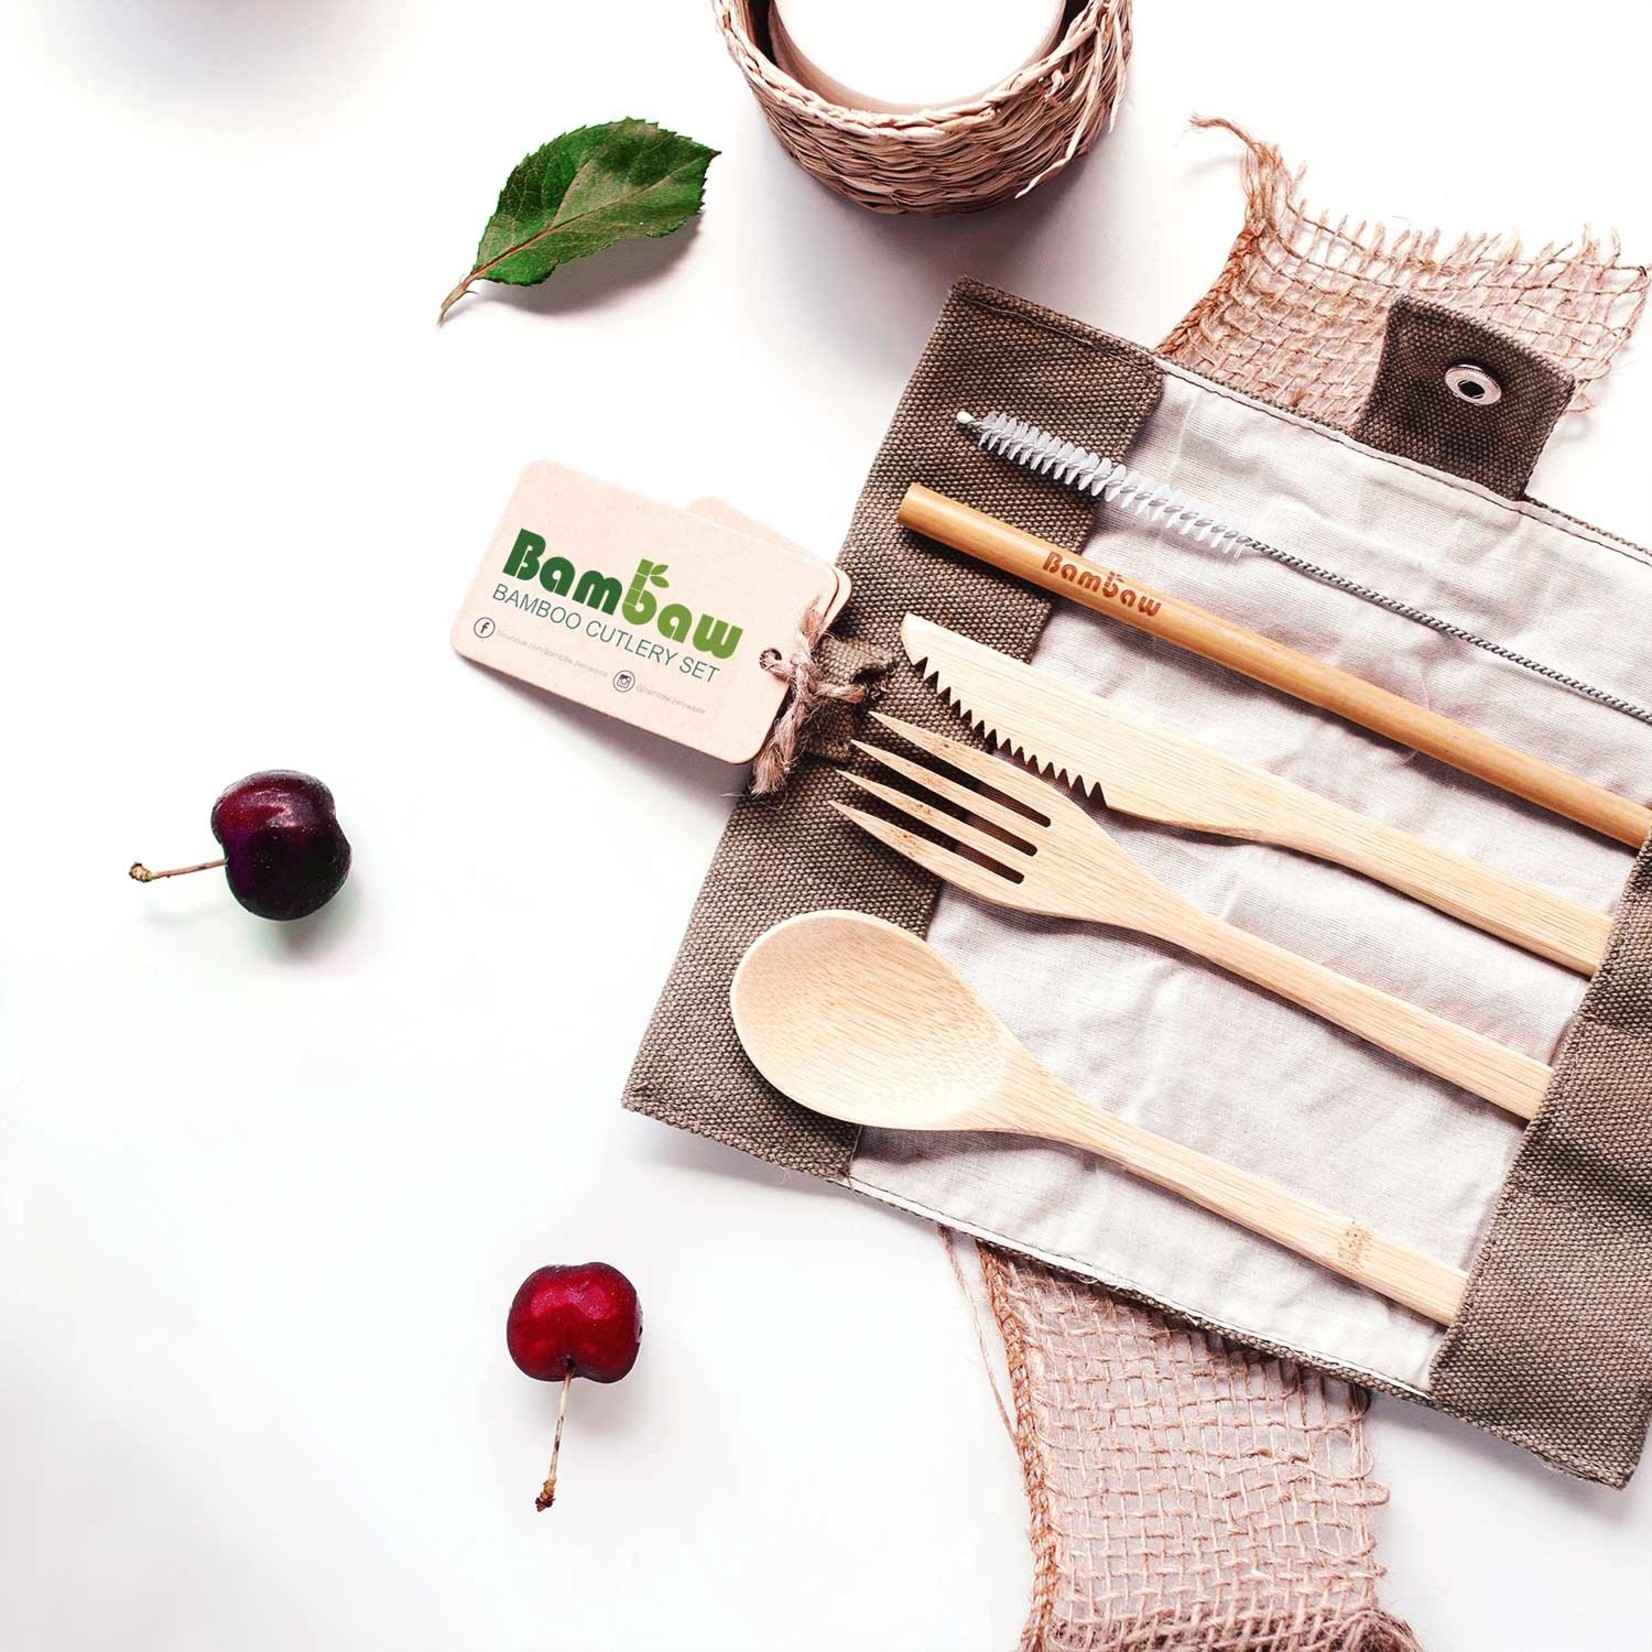 Bambaw BAMBAW - Bamboe Bestekset - 3 kleuren